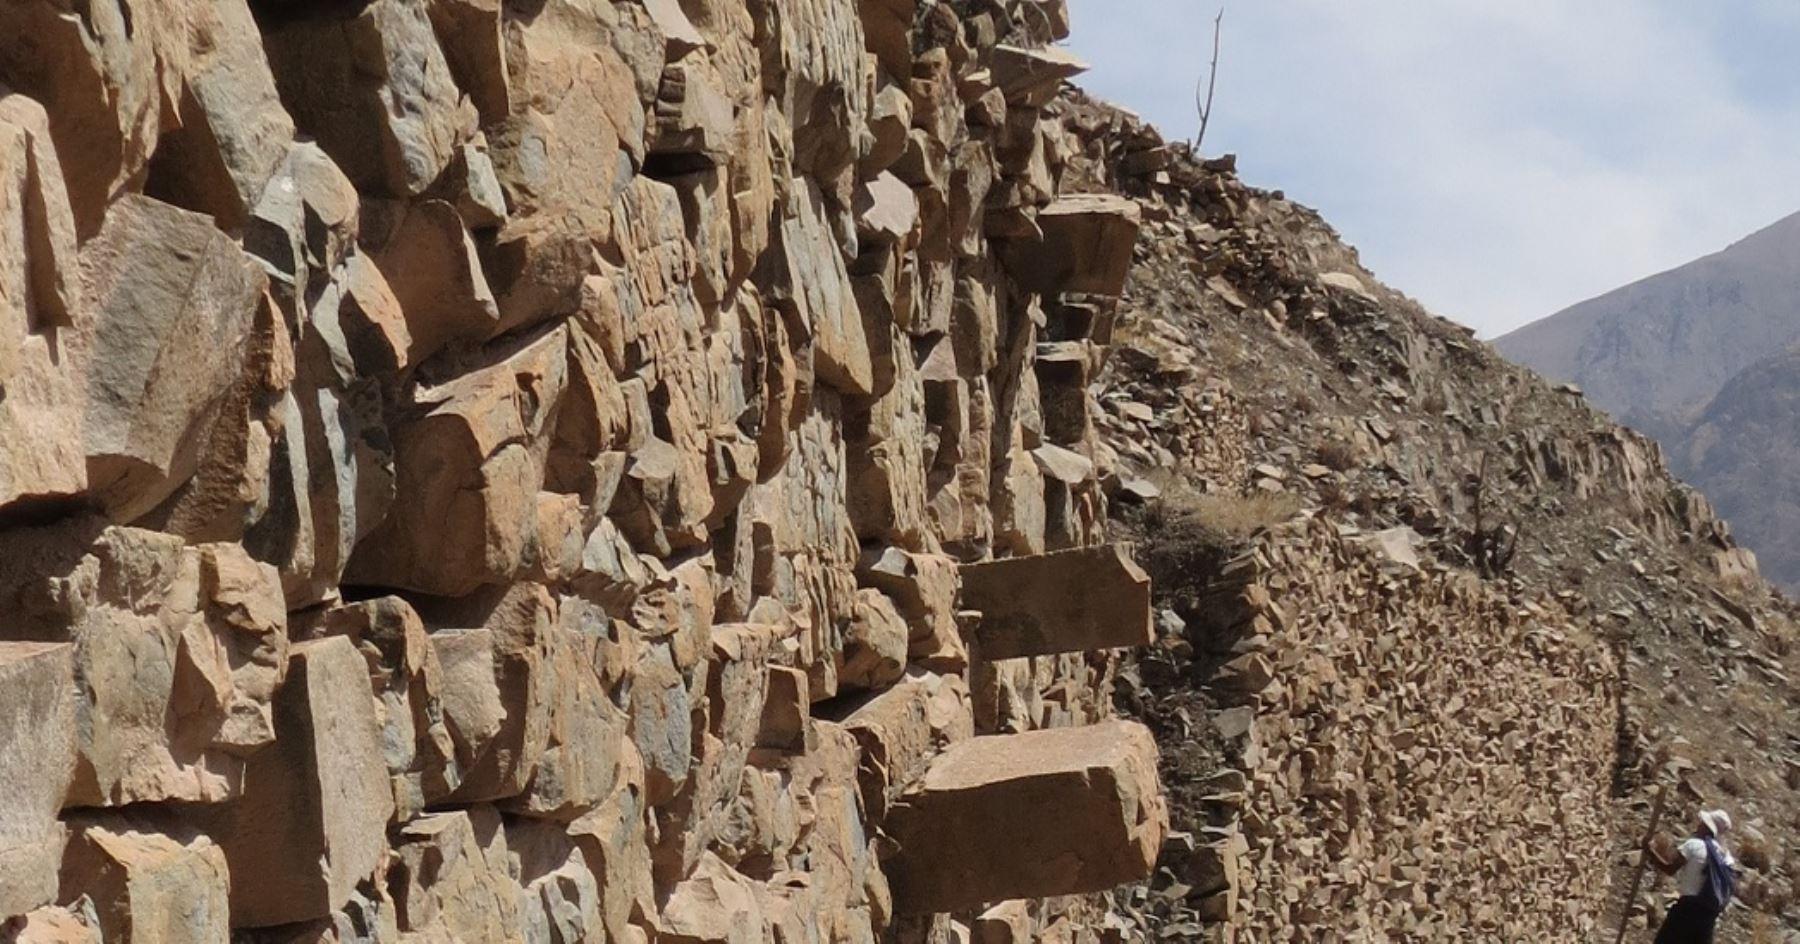 Un total de 90 sitios arqueológicos fueron identificados en el distrito de Ayo, provincia de Castilla, durante una inspección de campo realizada en los dos últimos meses del año 2015 con el propósito de constatar el potencial cultural y turístico que existe en dicha localidad arequipeña.